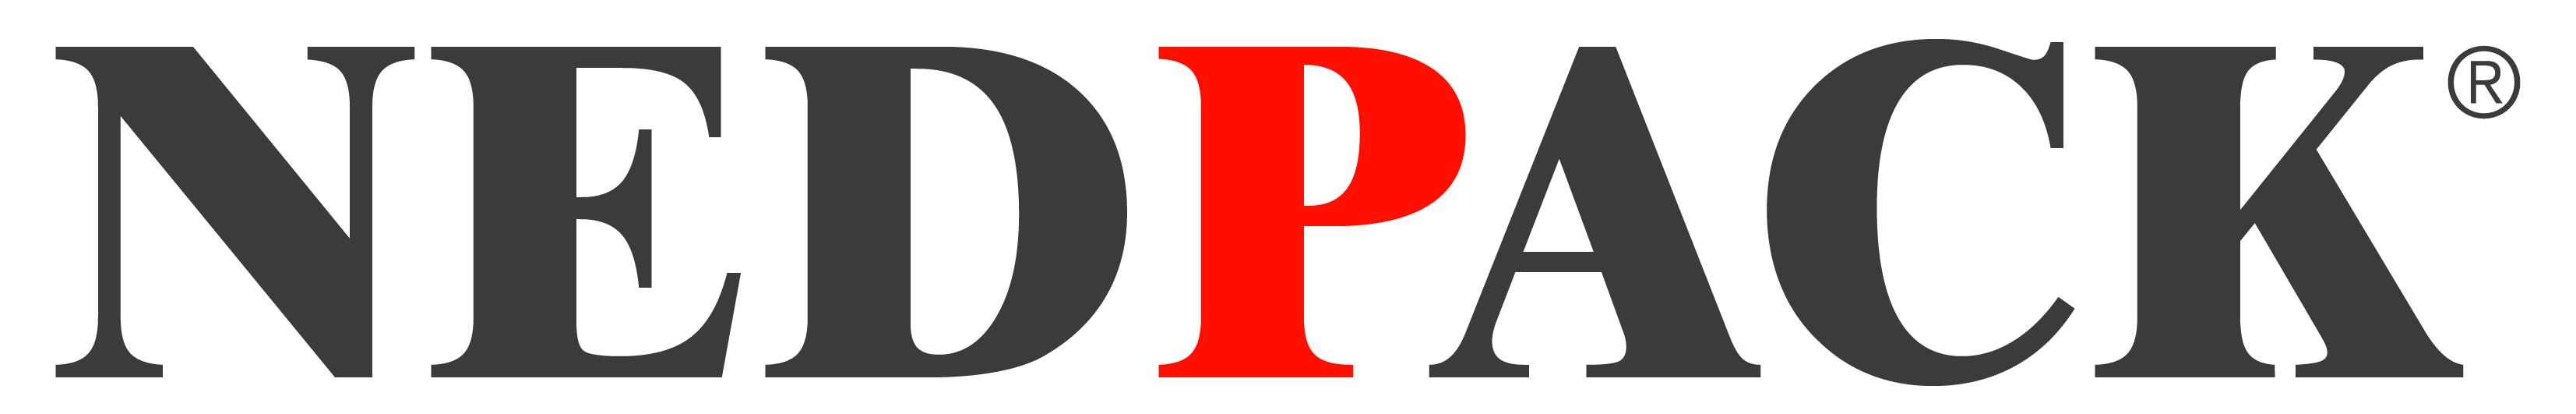 Logo Nedpack